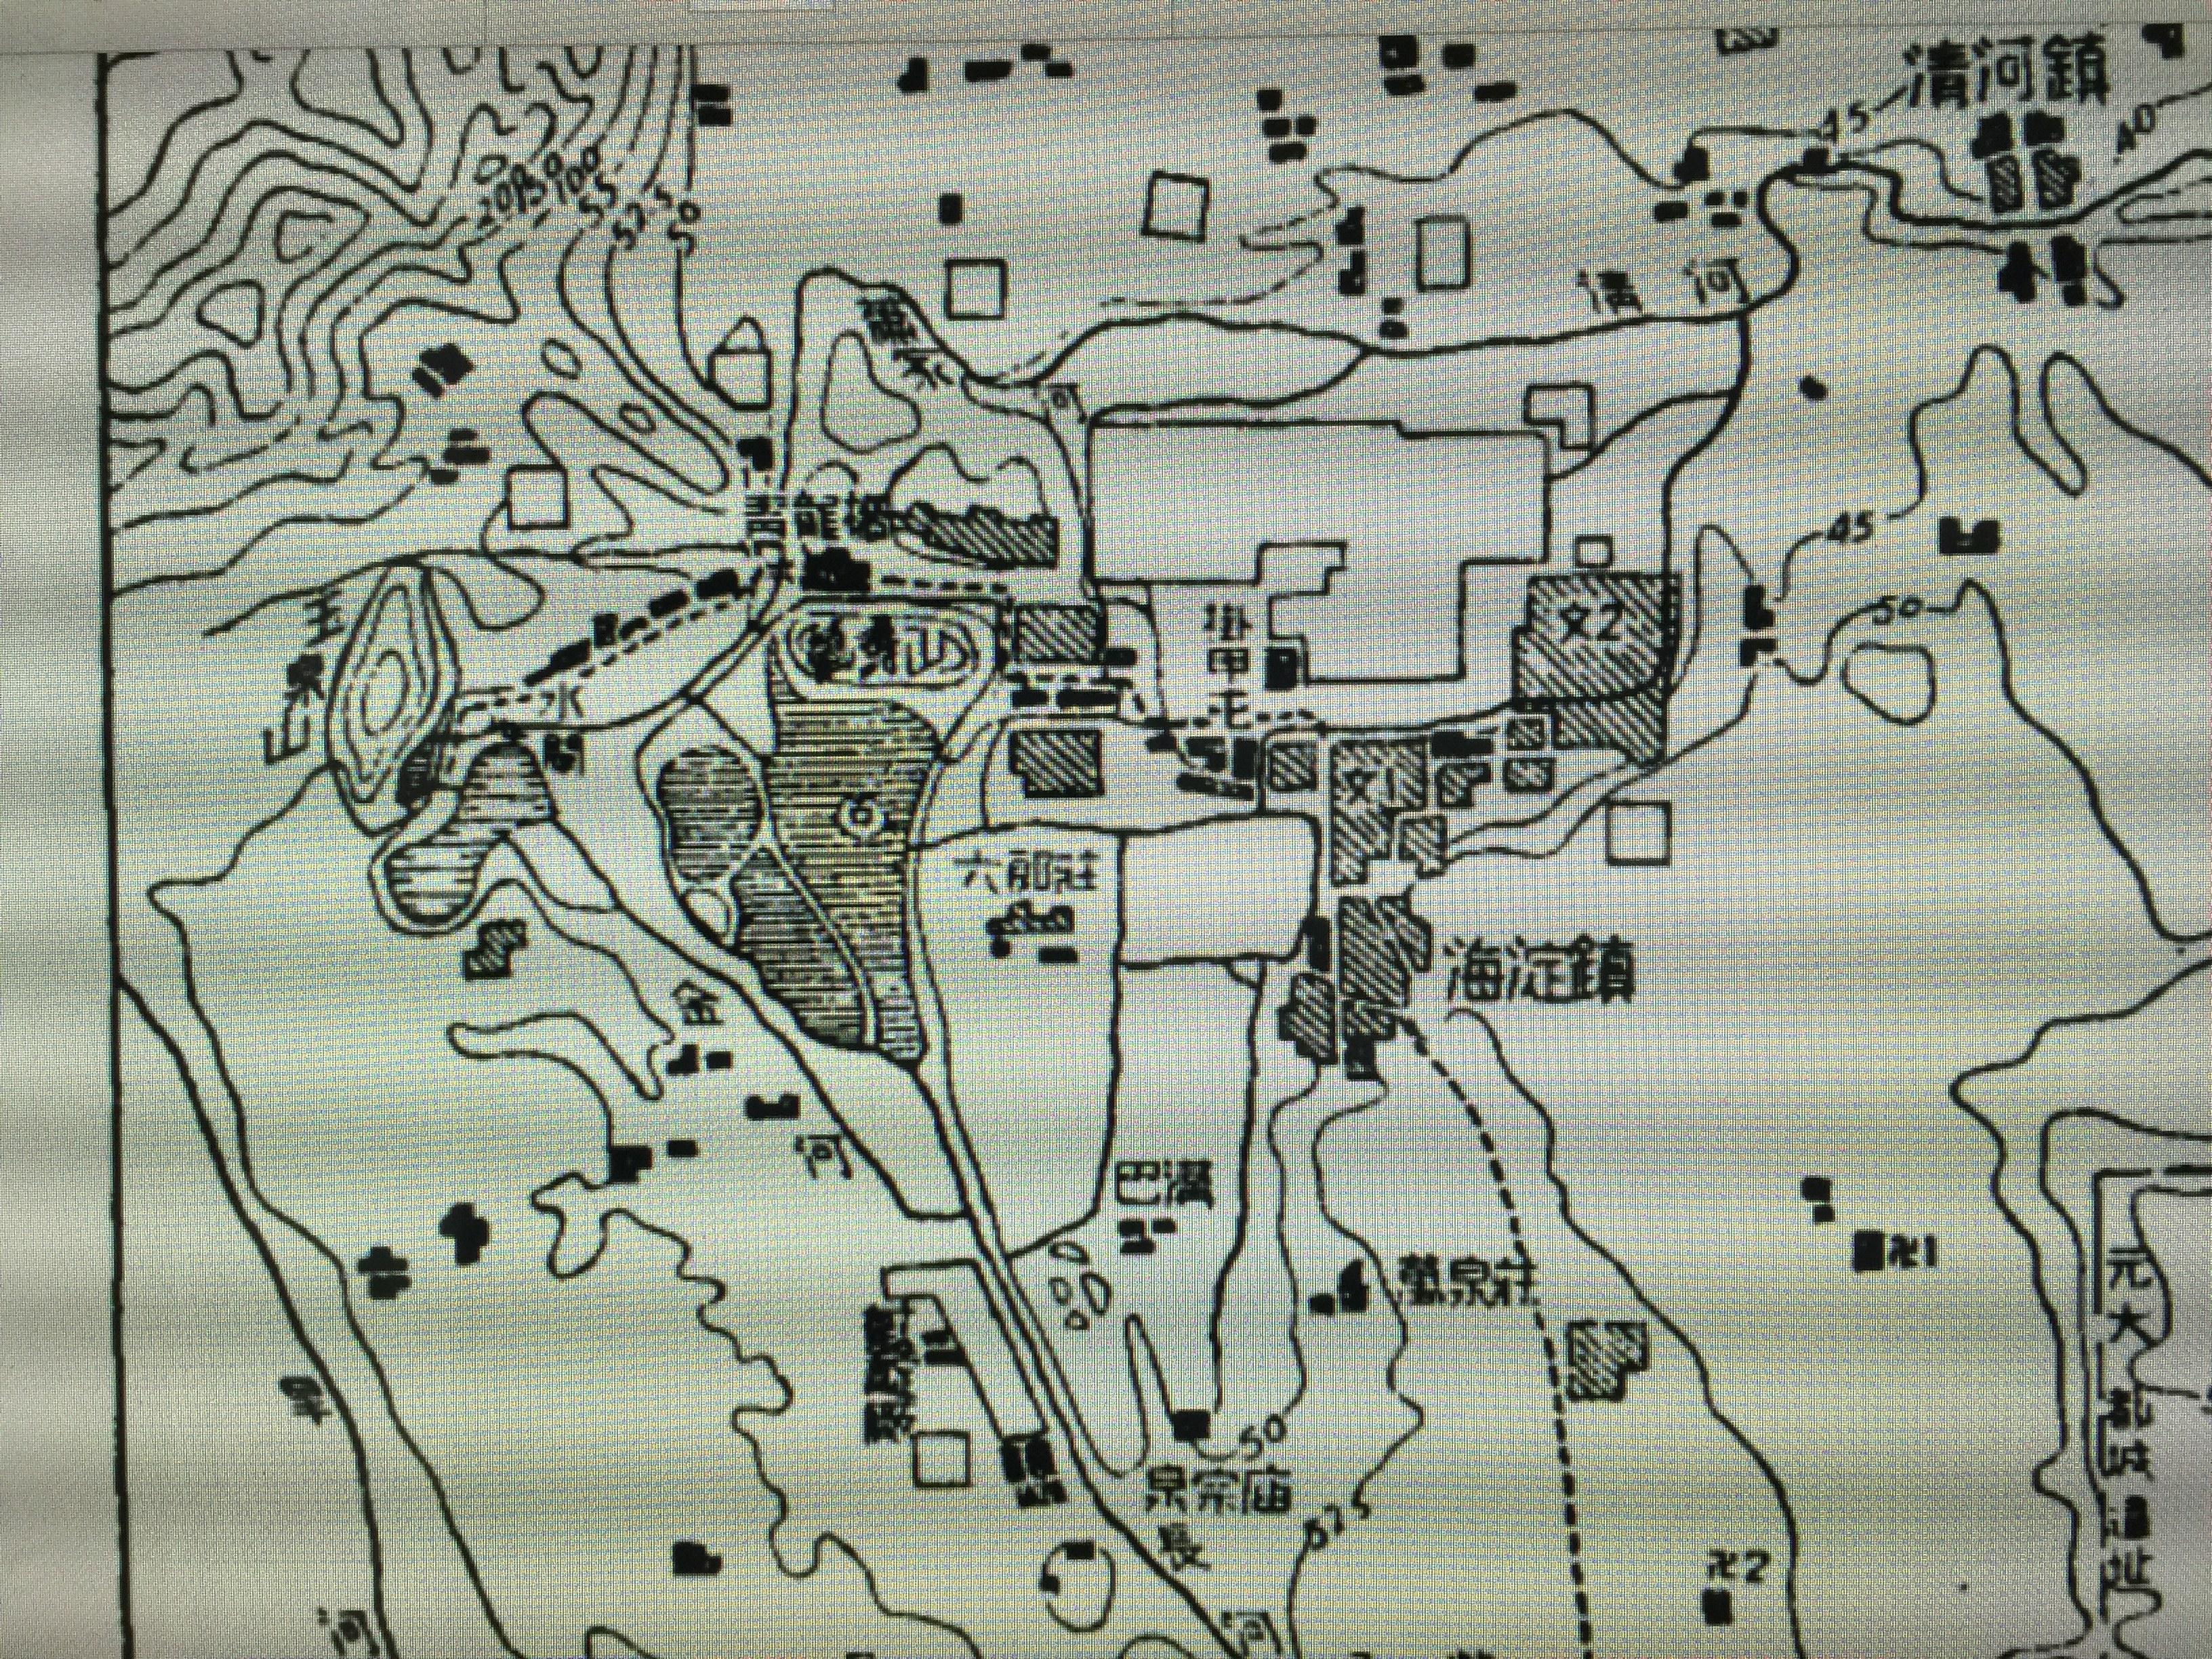 侯仁之使用过的手绘地图